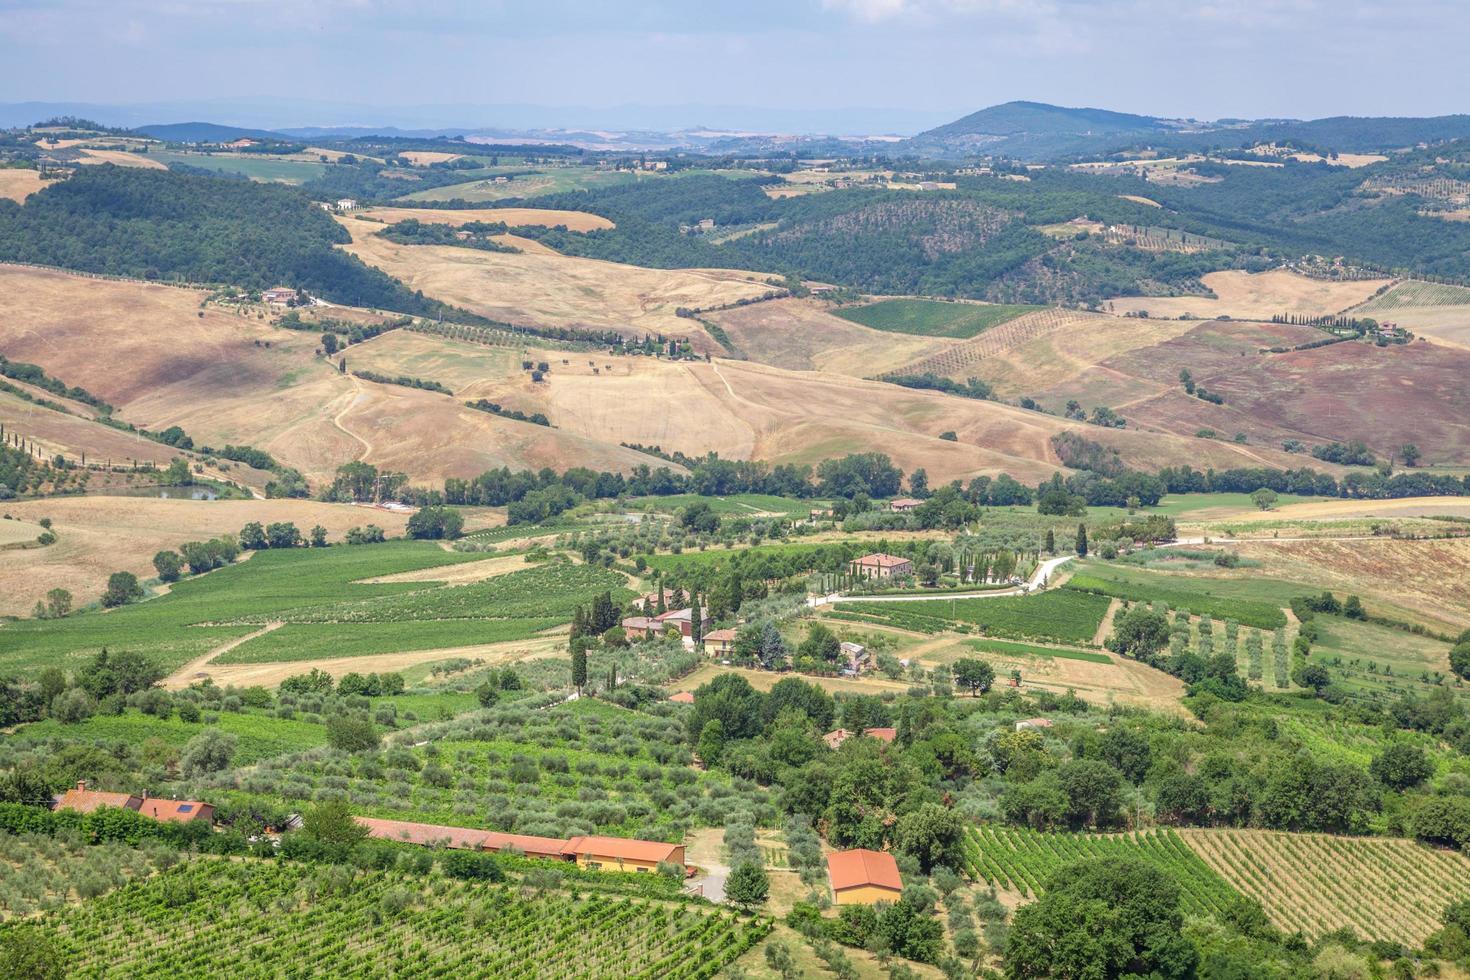 Toscana, Italia, 2020 - vista aérea de un campo durante el día foto